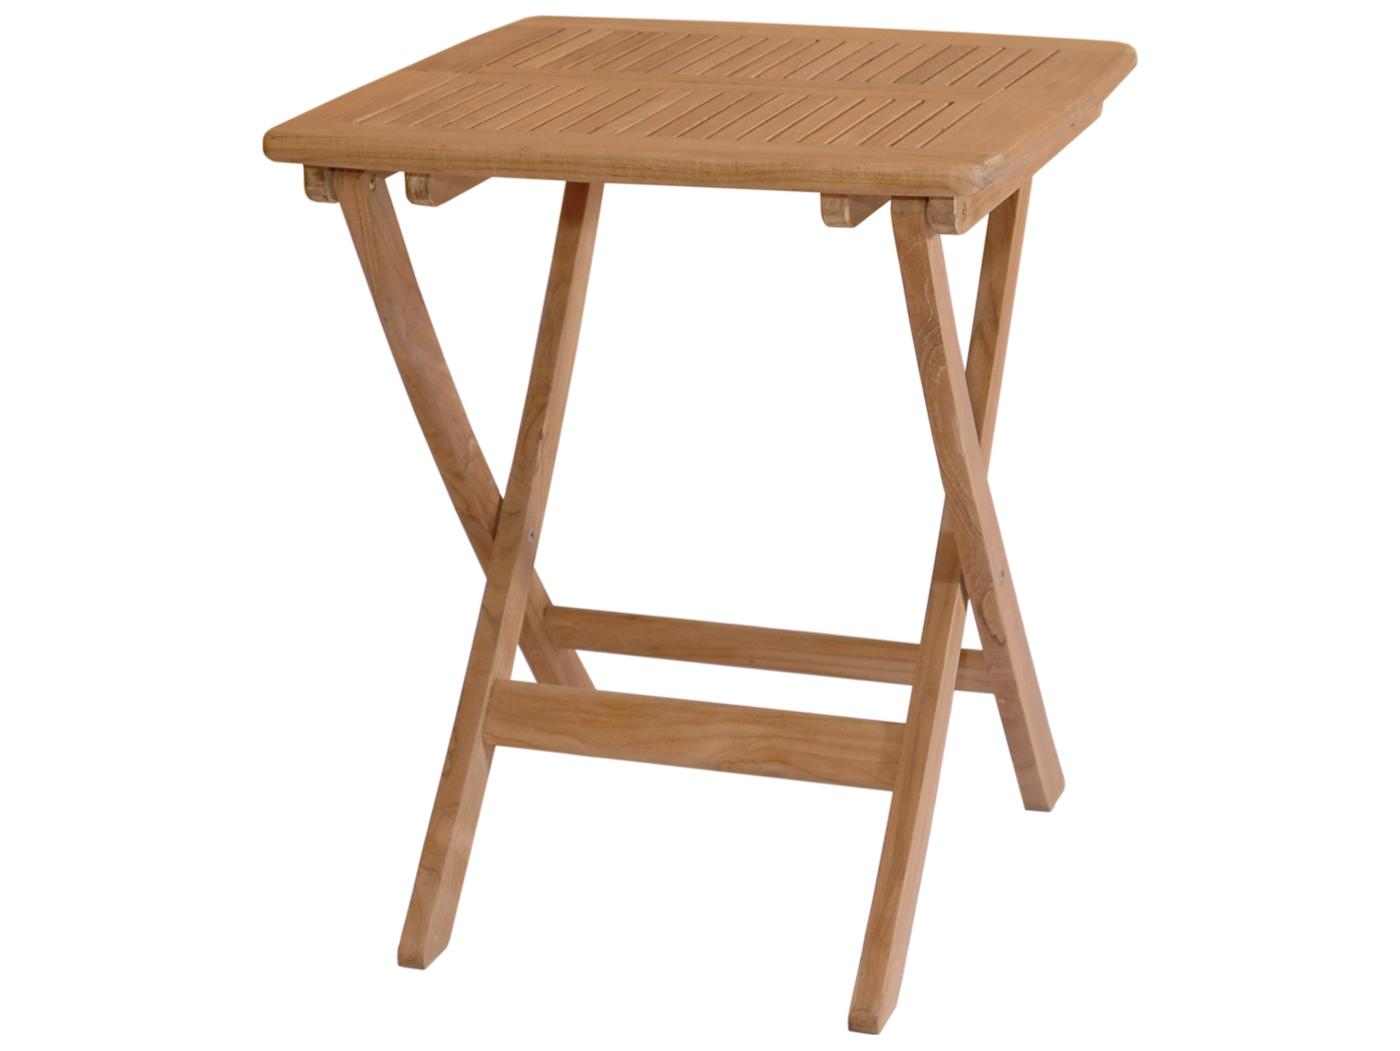 anderson teak windsor 24 square folding bistro table tbf. Black Bedroom Furniture Sets. Home Design Ideas